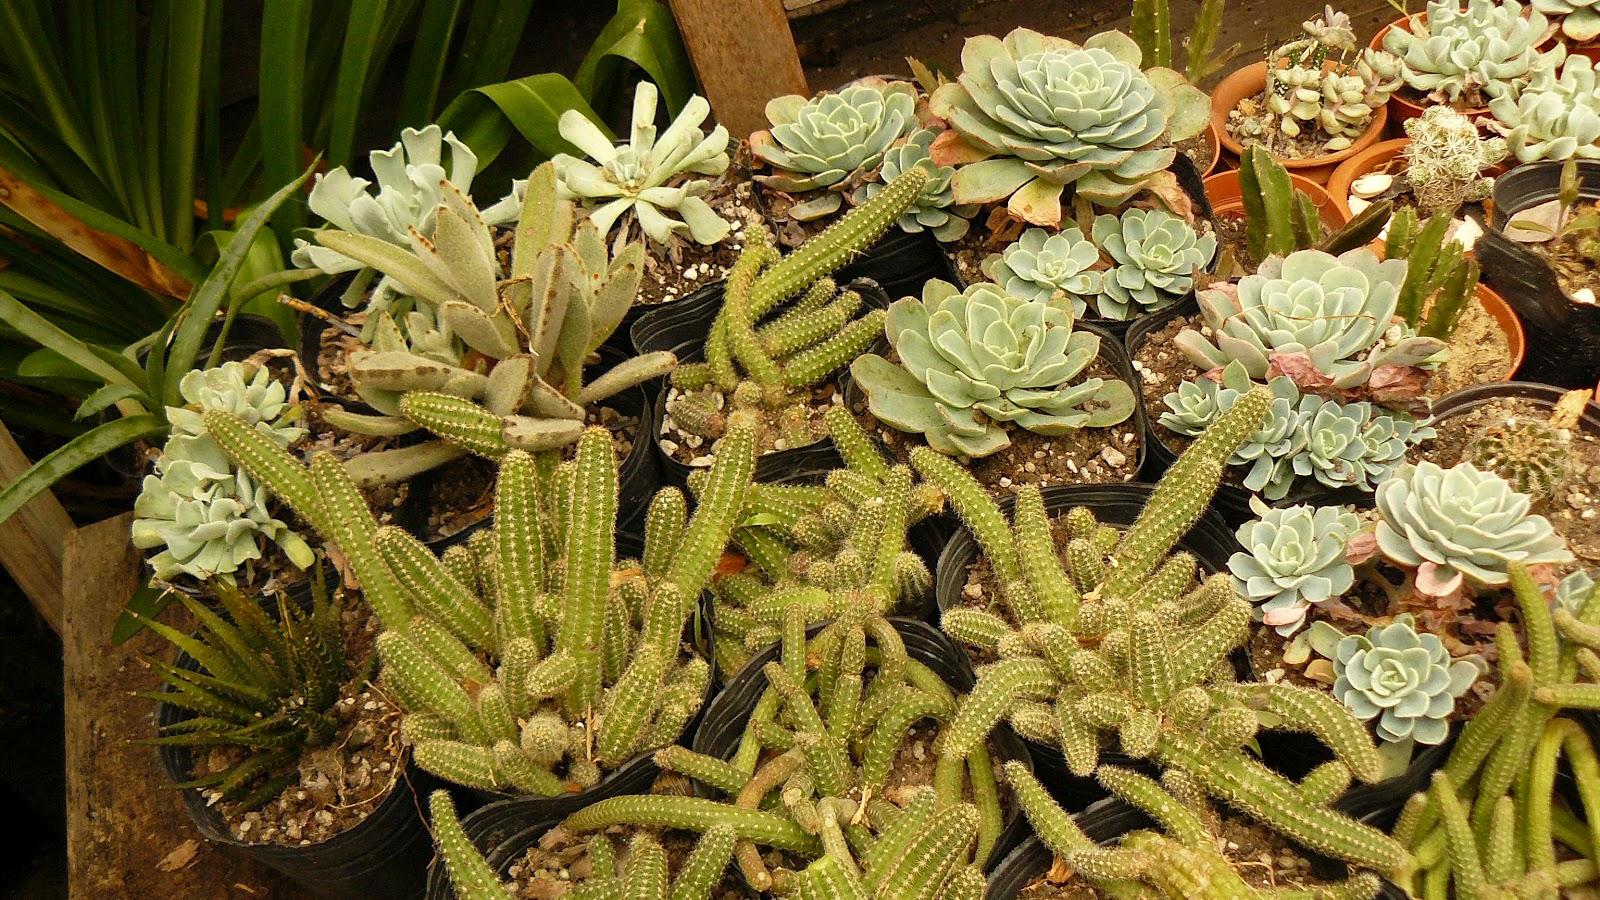 Jardines de cactus y suculentas agosto for Cactus y suculentas